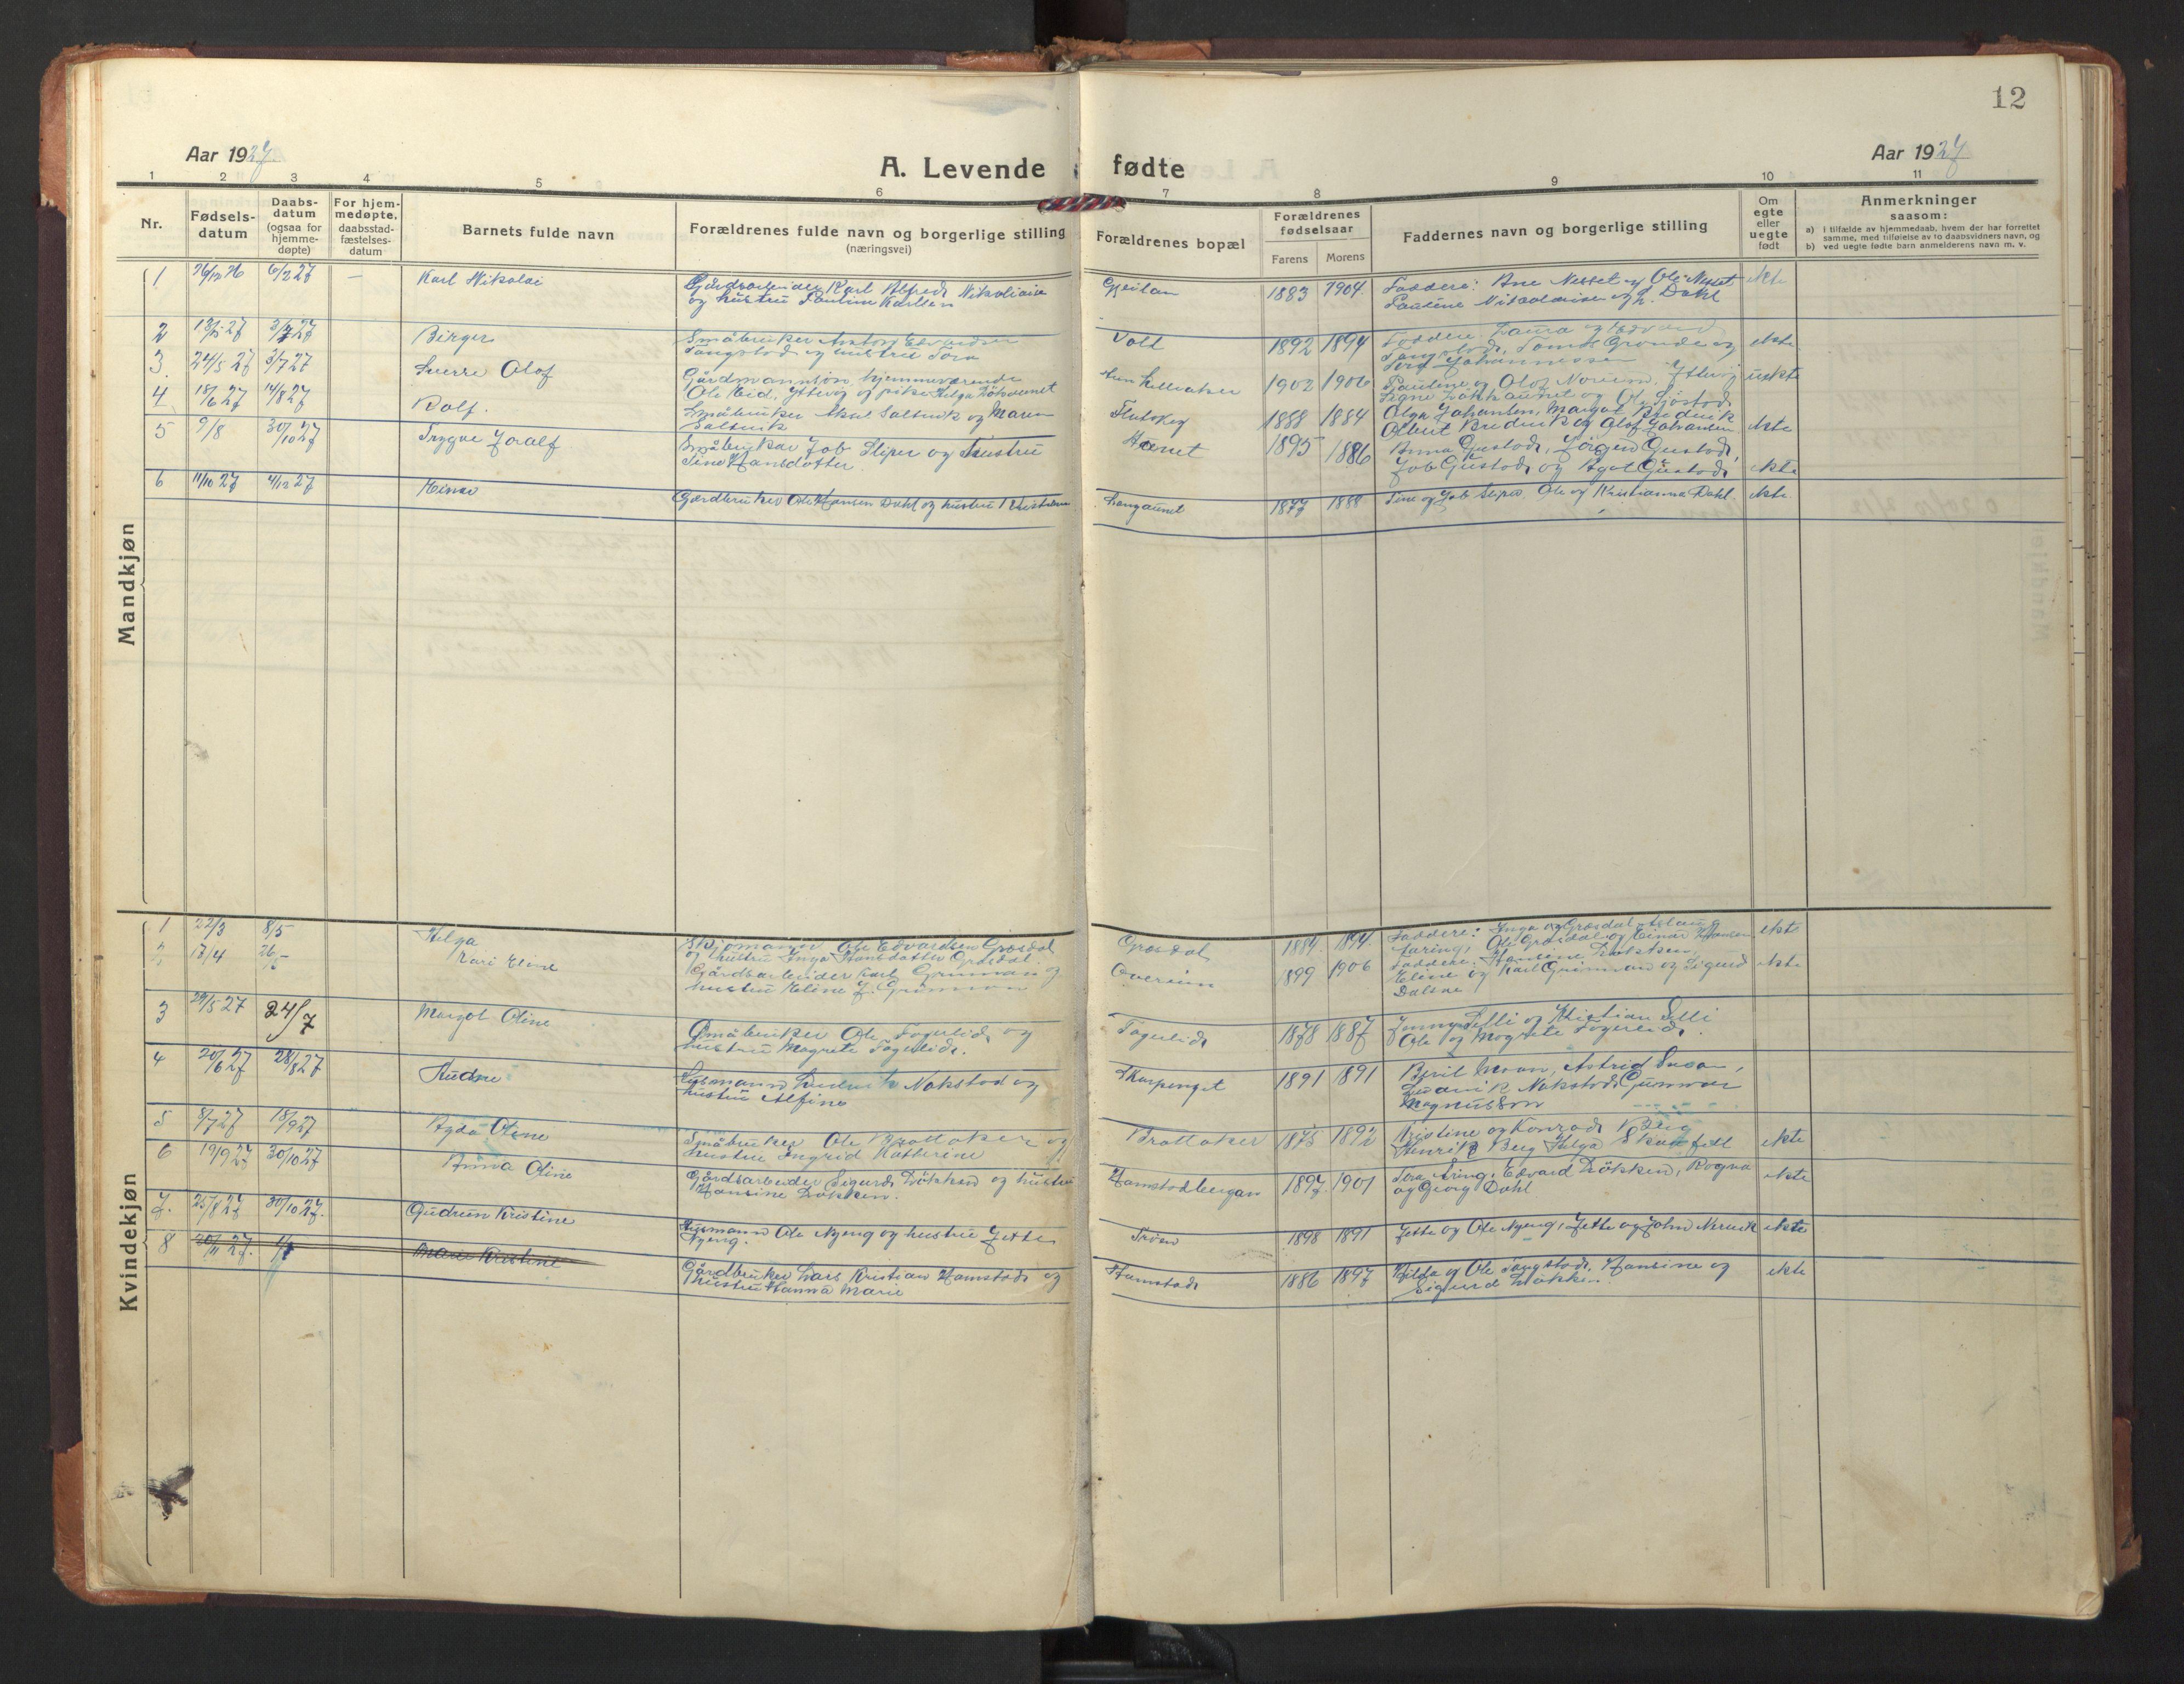 SAT, Ministerialprotokoller, klokkerbøker og fødselsregistre - Nord-Trøndelag, 733/L0328: Klokkerbok nr. 733C03, 1919-1966, s. 12